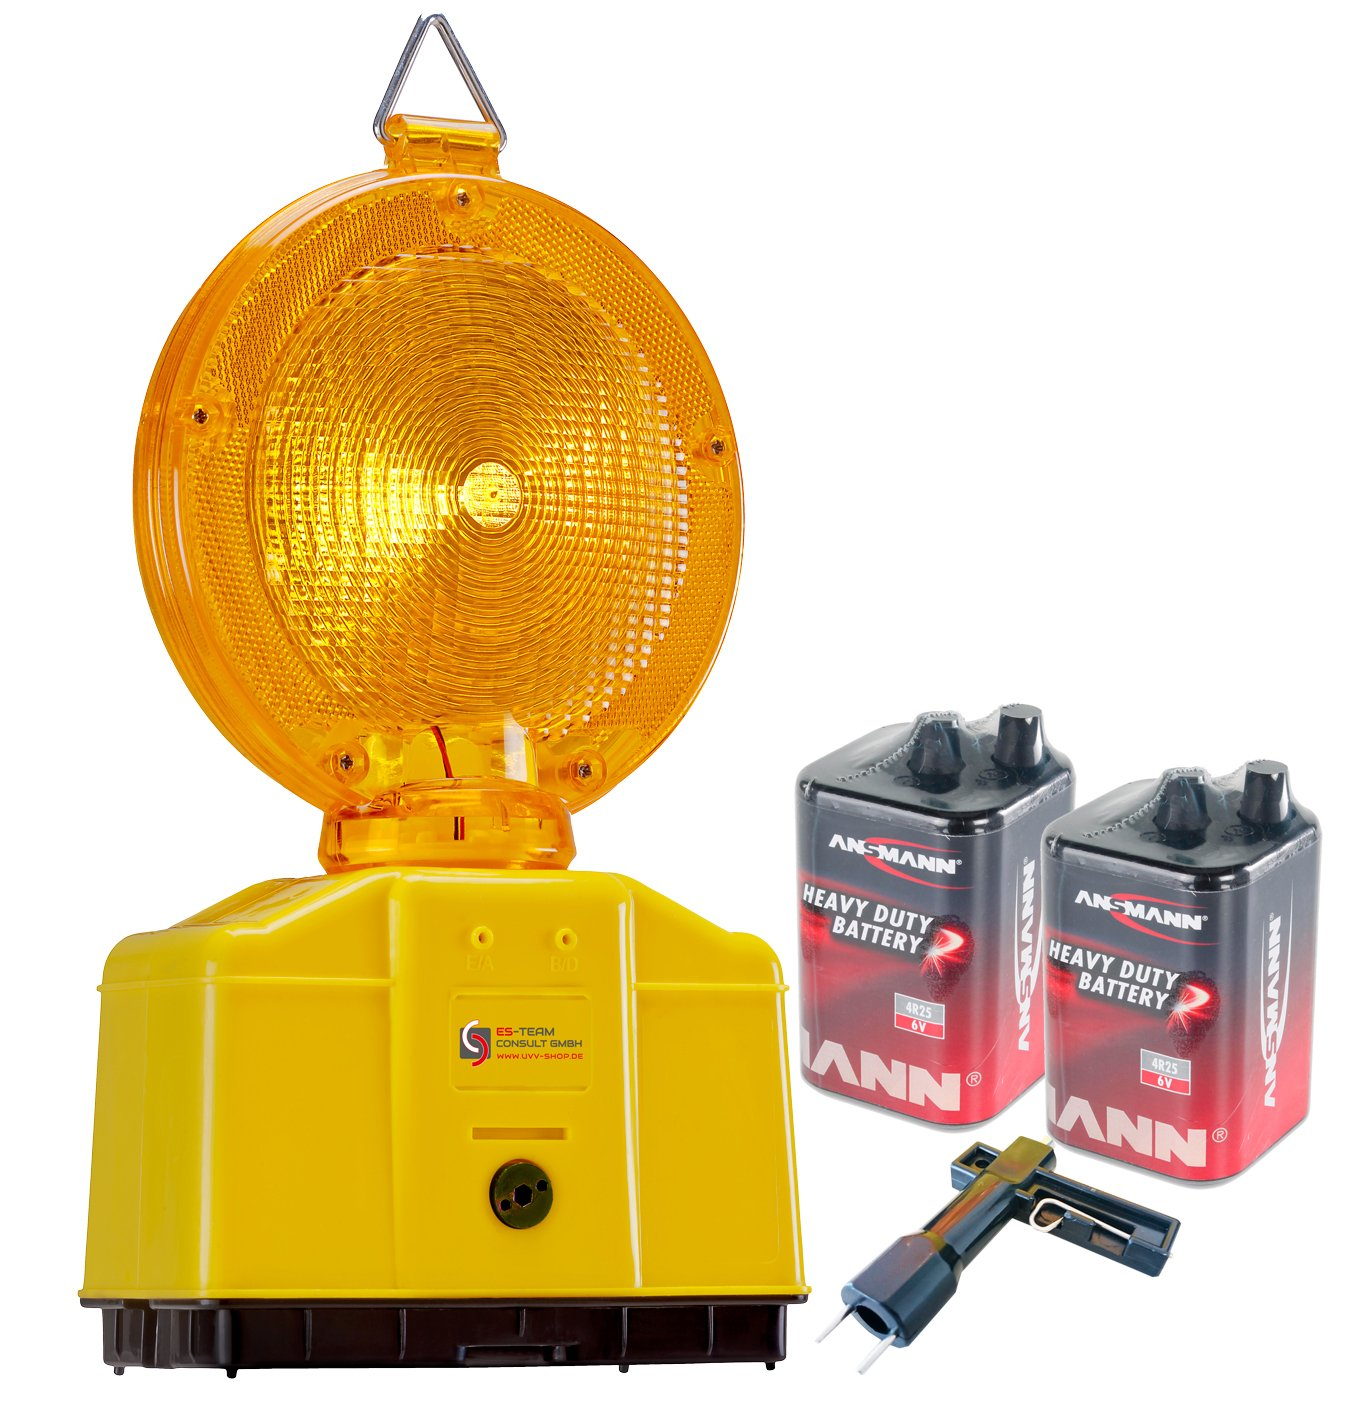 UvV - Baustellenleuchte, LED gelb, Warnleuchte - mit Secura-Halter, inkl. 2 x 6 Volt Ansmann Batterien (9 ah) und 1 x Lampenschlü ssel (gelb) ES-Team Consult GmbH